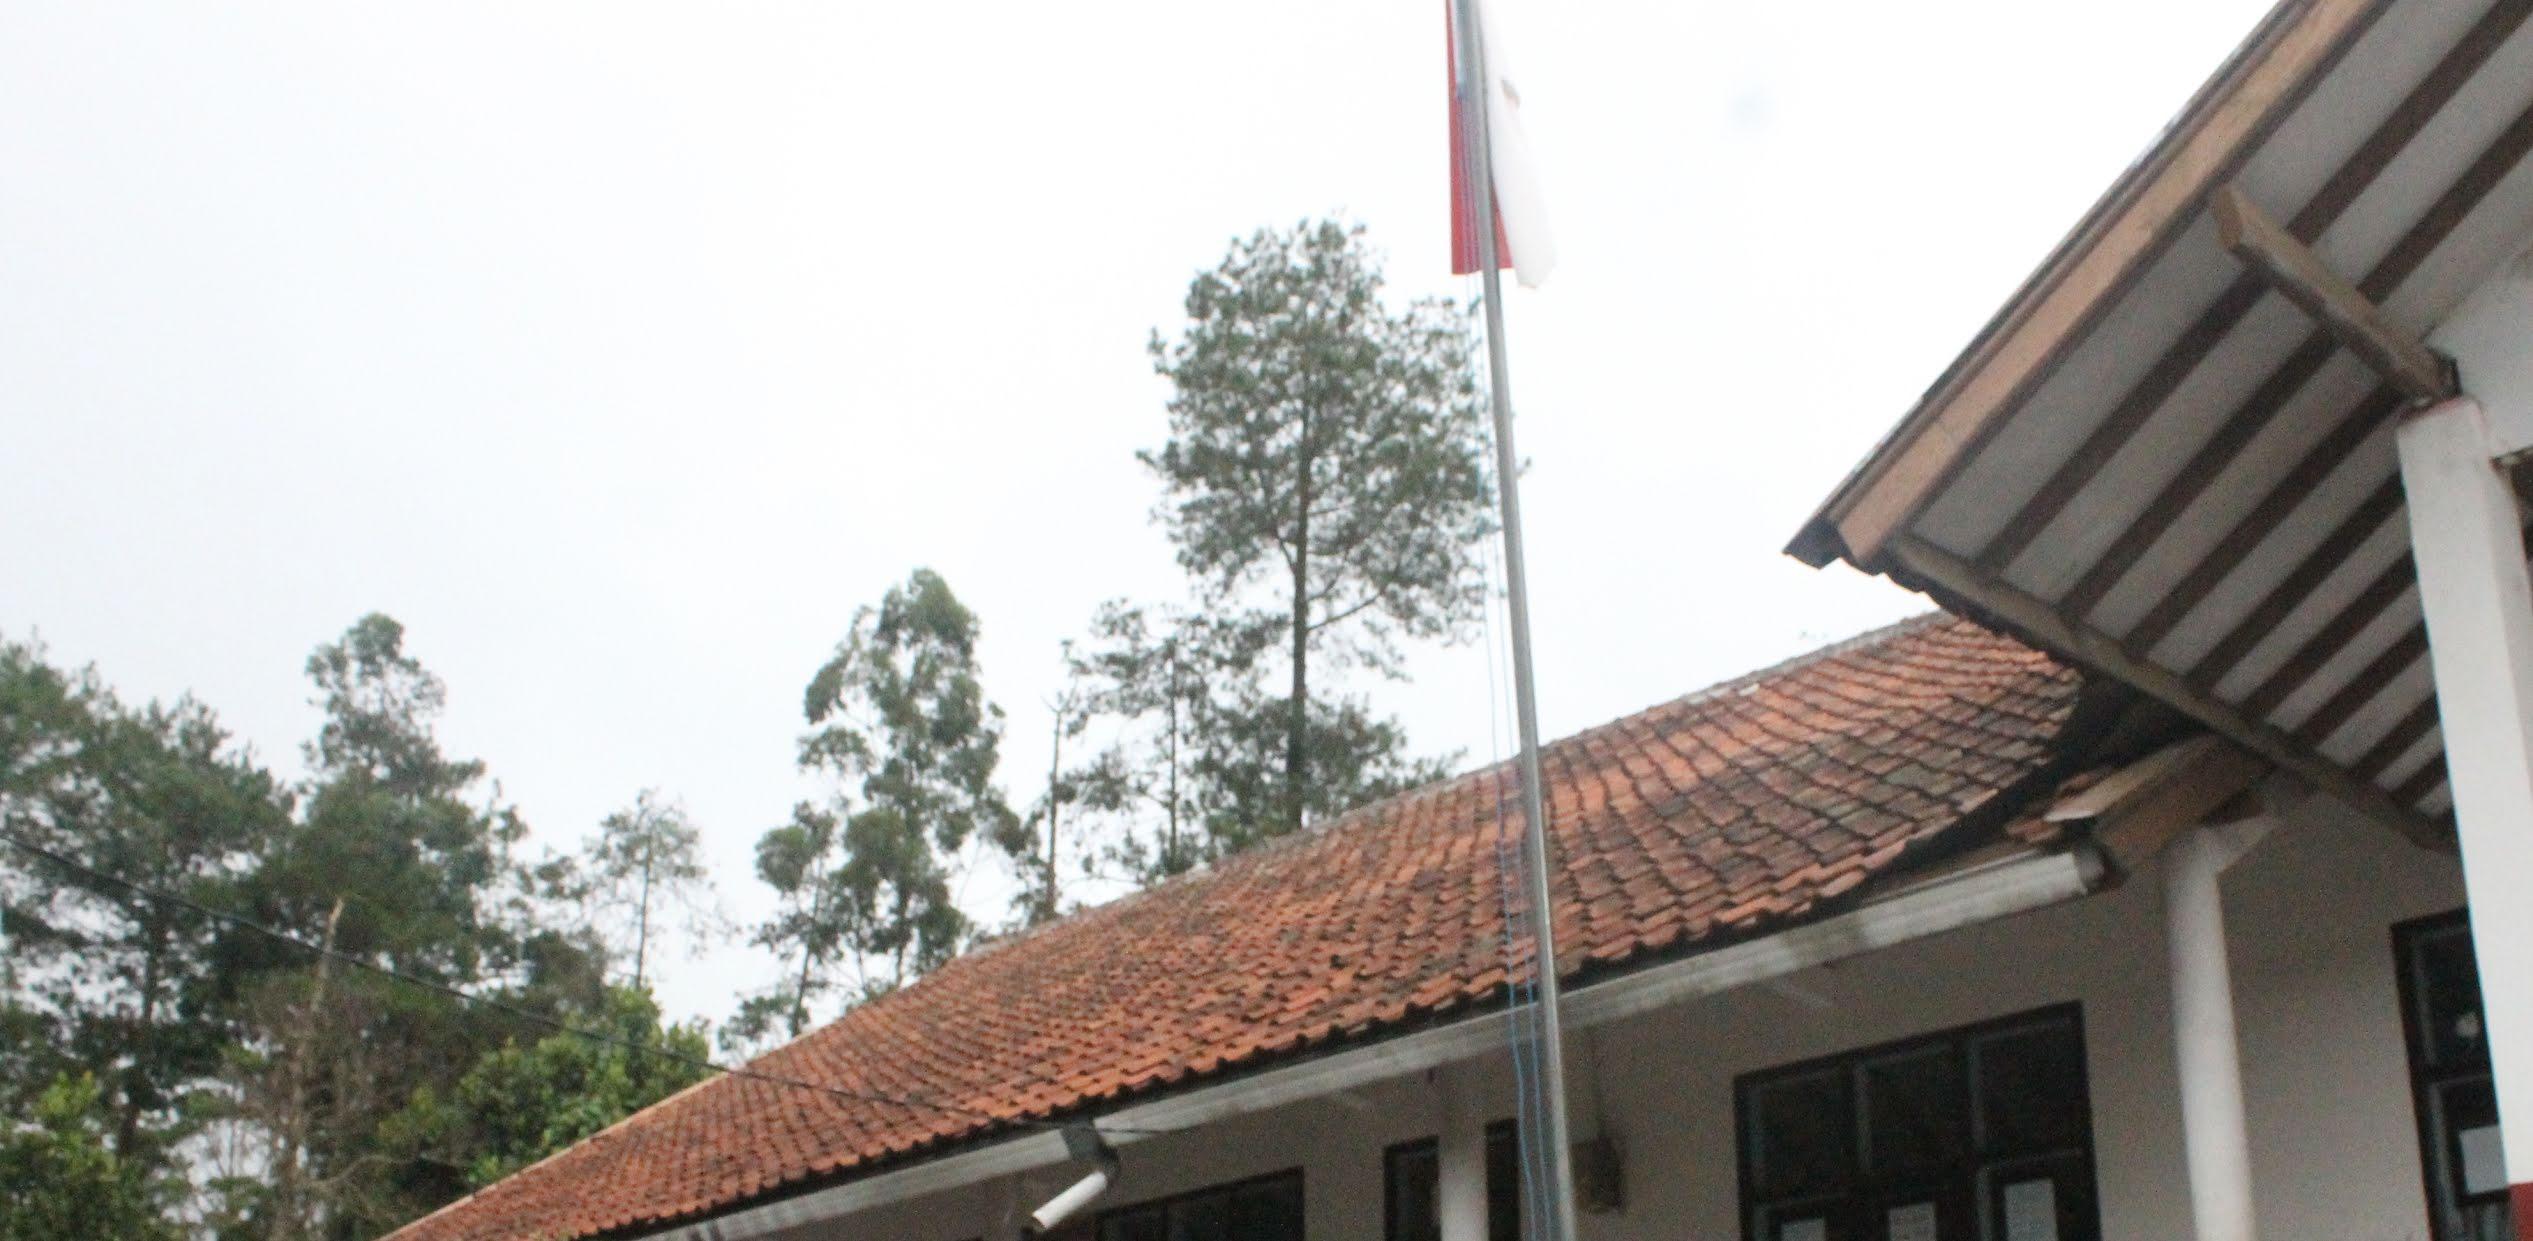 Bukti permasalahan akan sistem pendidikan di Indonesia